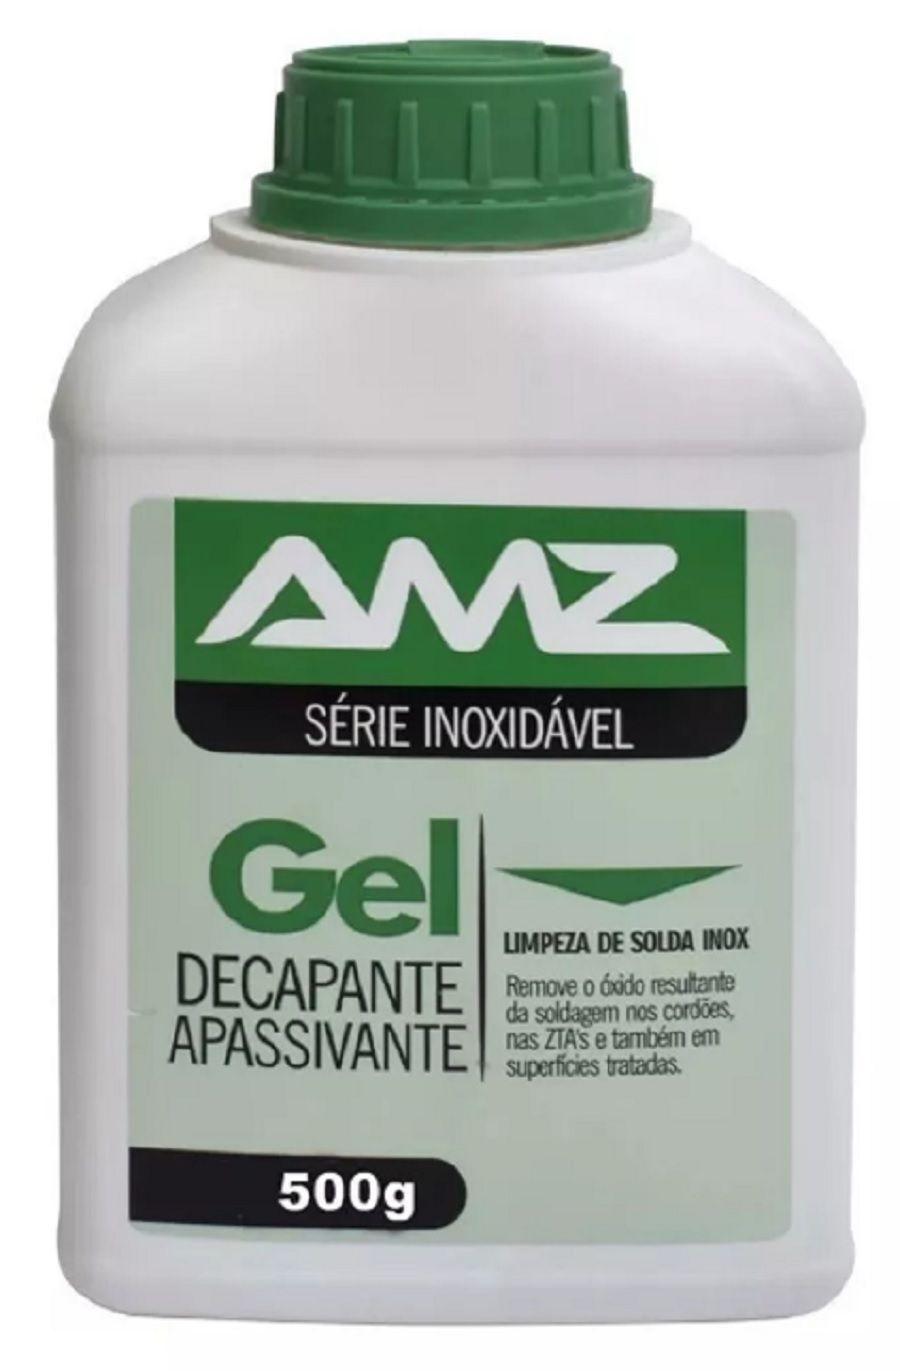 Gel Decapante para solda Amazônia Limpa Inox 500g